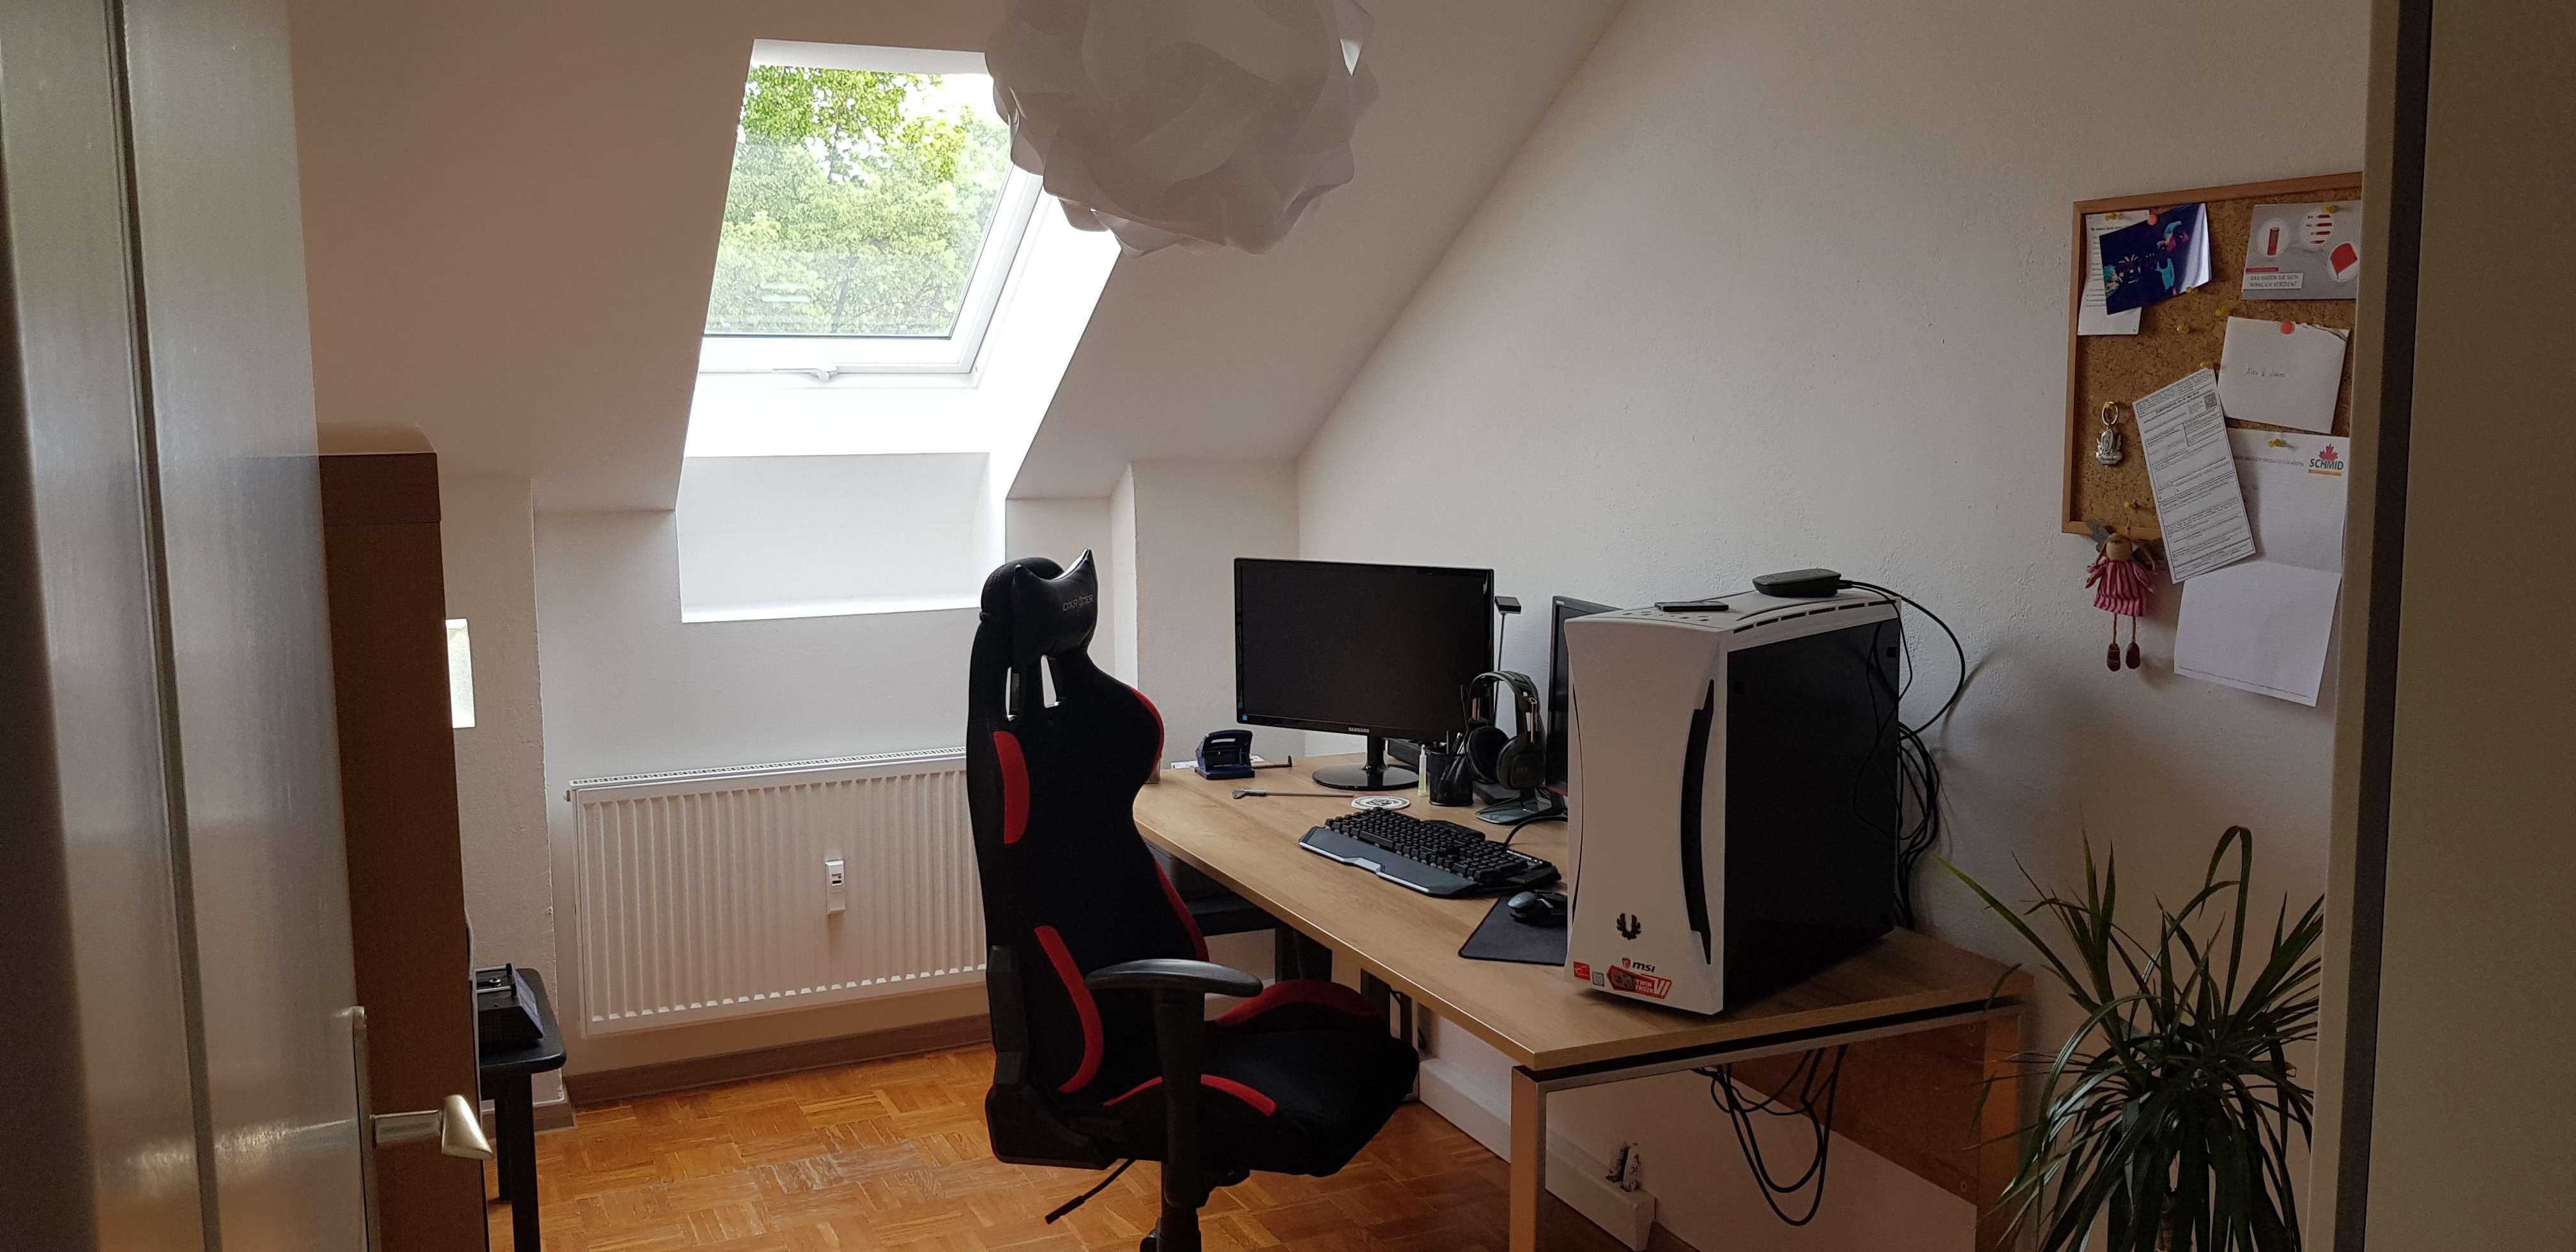 Vollständig renovierte 3-Zimmer-DG-Wohnung mit Einbauküche in Obertraubling